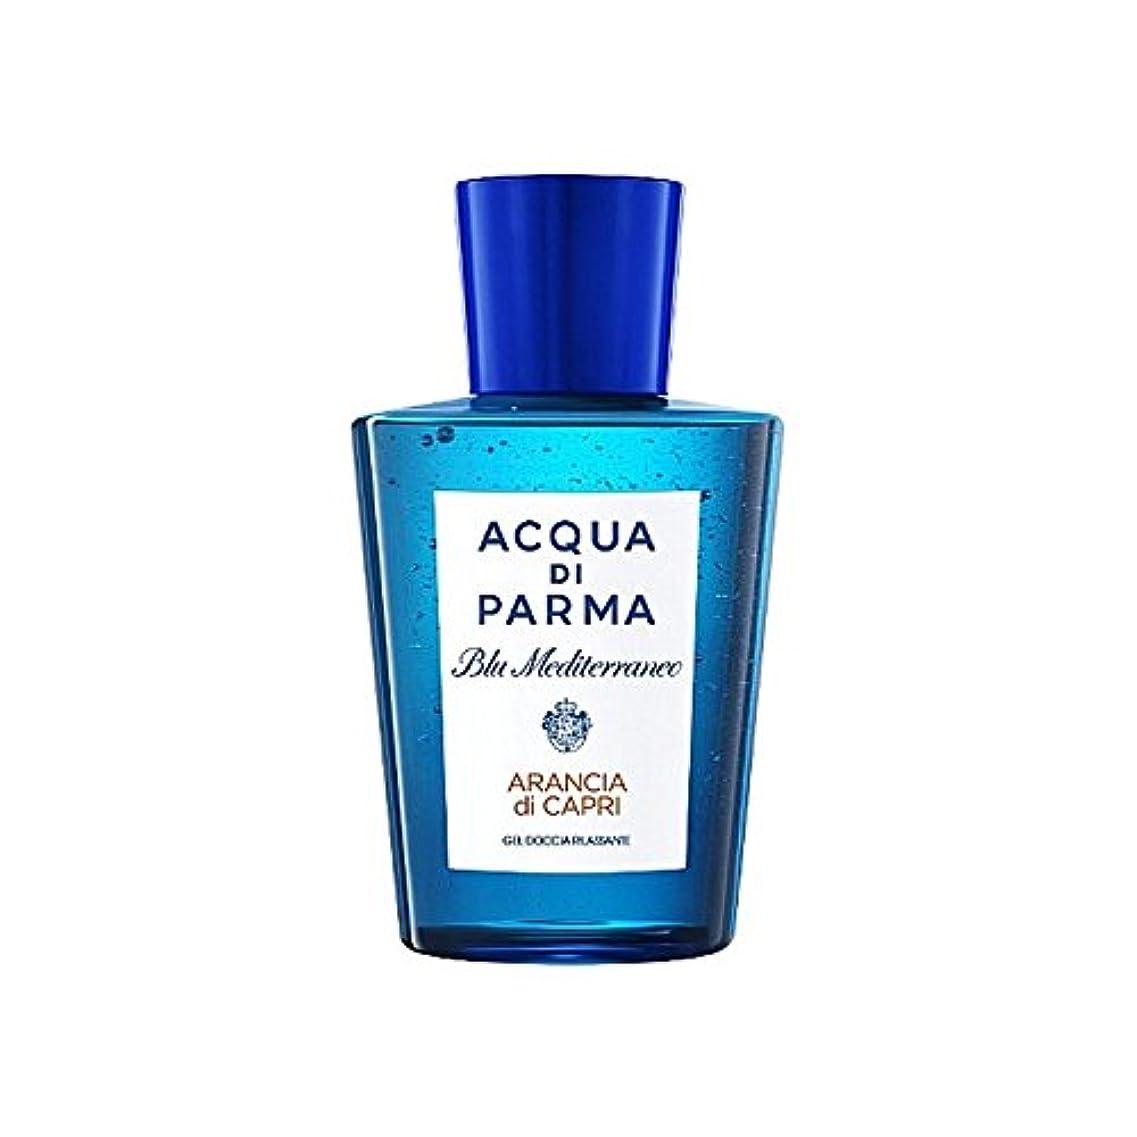 成果かまど特性Acqua Di Parma Blu Mediterraneo Arancia Di Capri Shower Gel 200ml - アクアディパルマブルーメディのアランシアジカプリシャワージェル200 [並行輸入品]